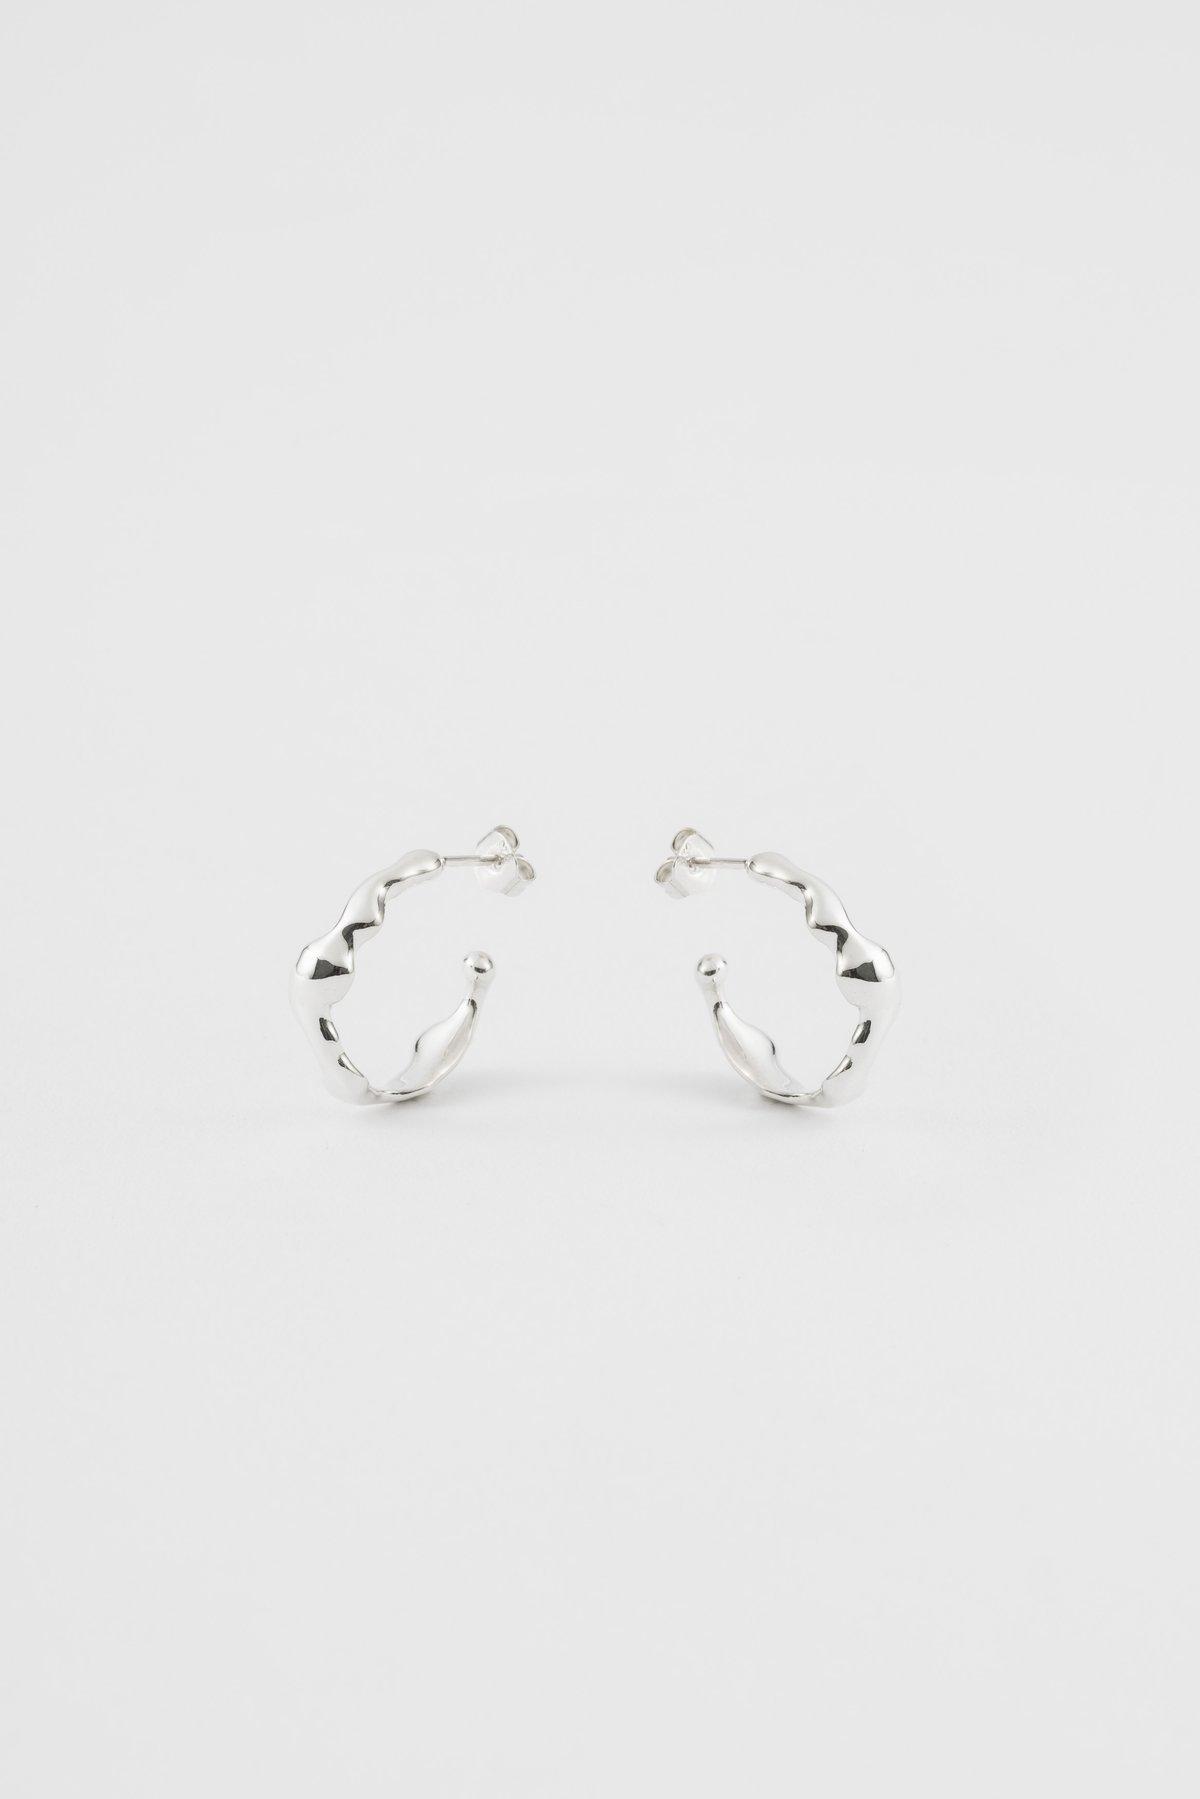 Image of ripple earrings